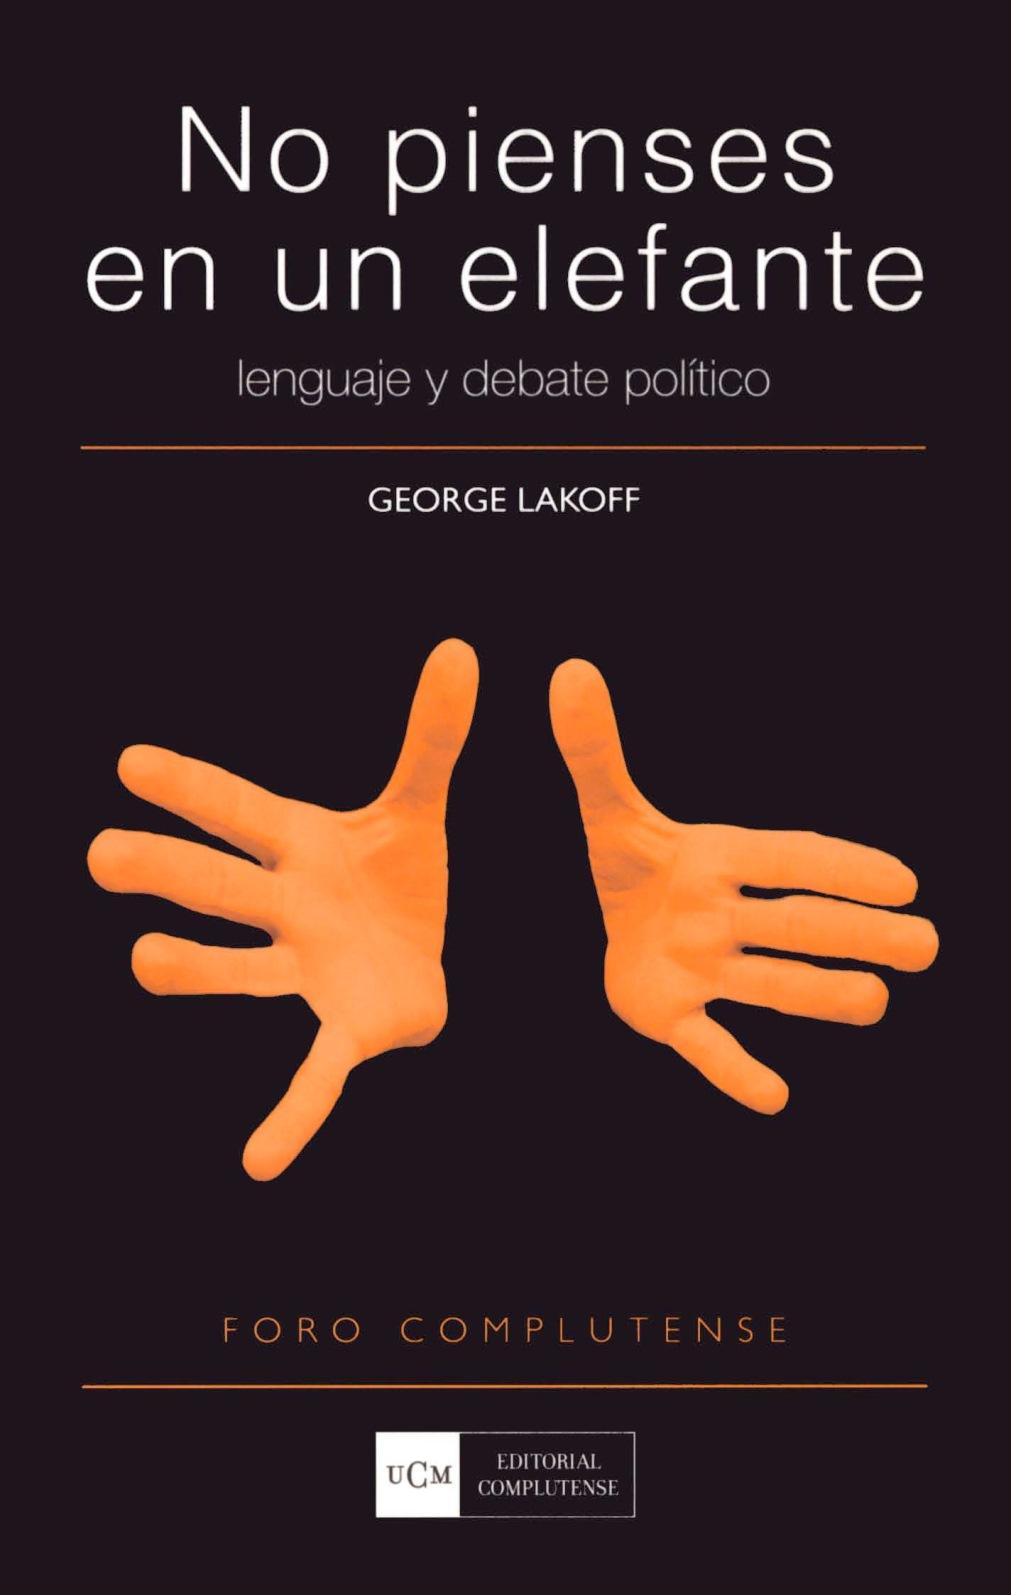 No pienses en un elefante – George Lakoff